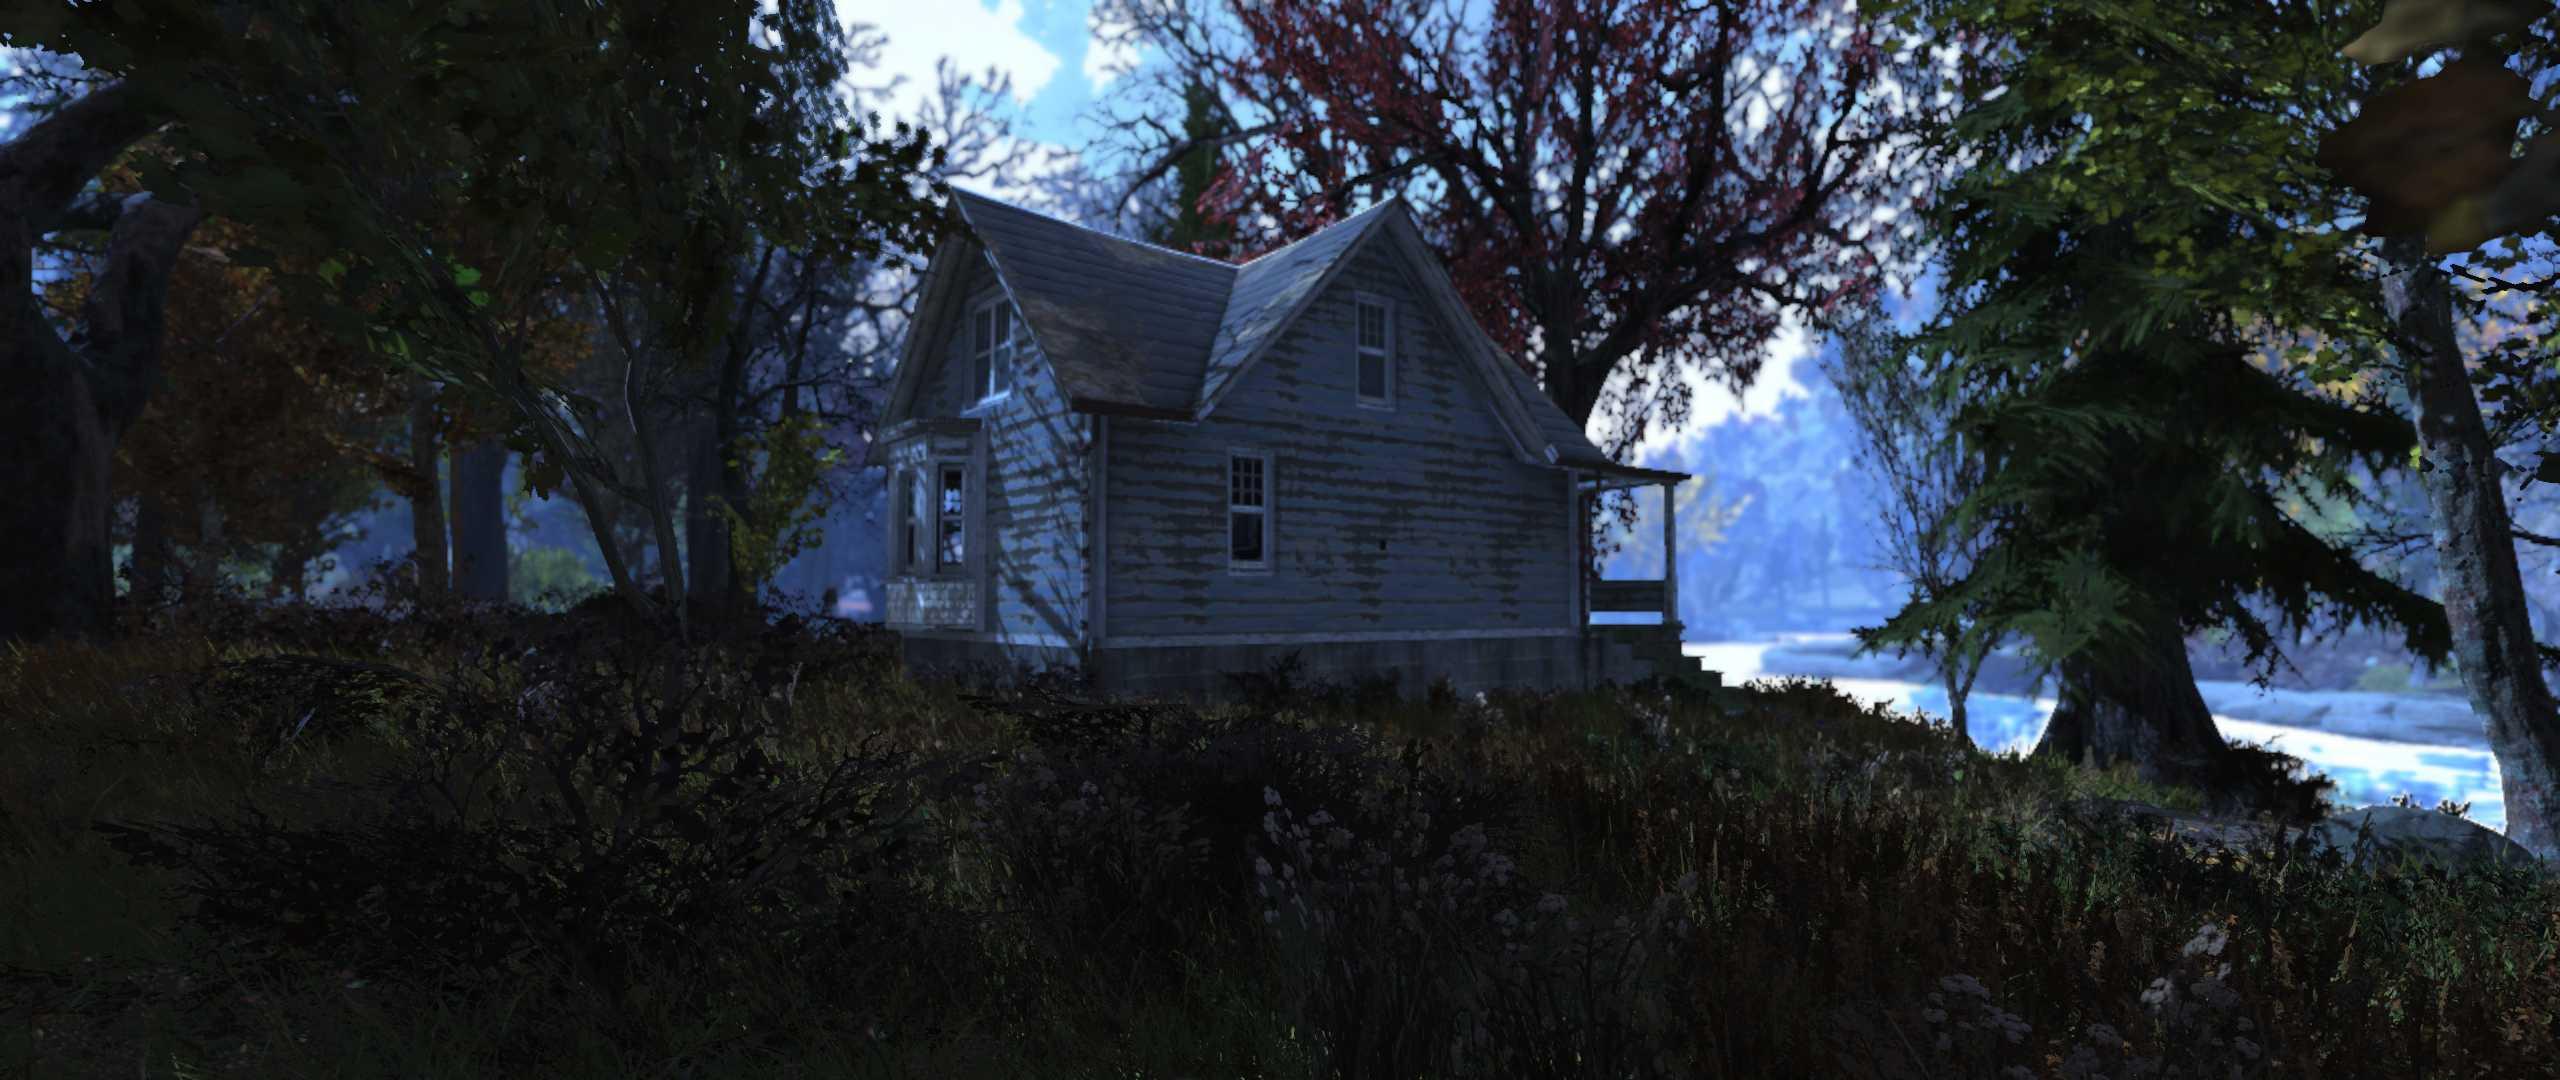 Fallout 76 Gruselhütte im Wald